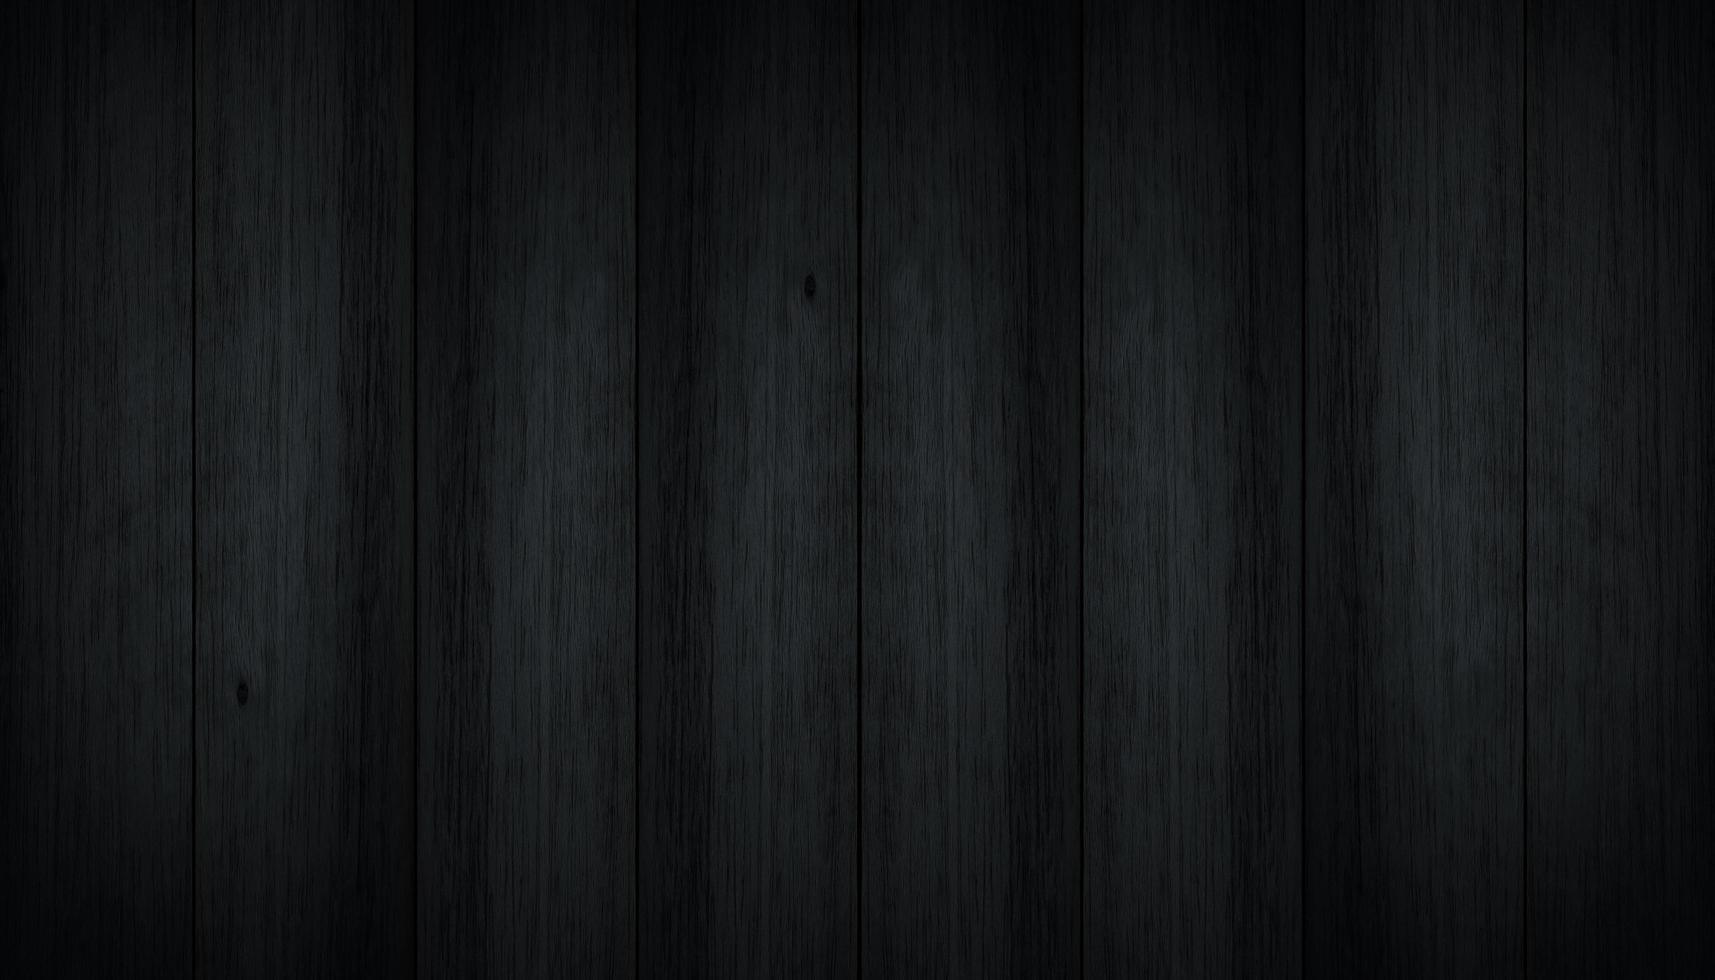 fondo de tela negra foto